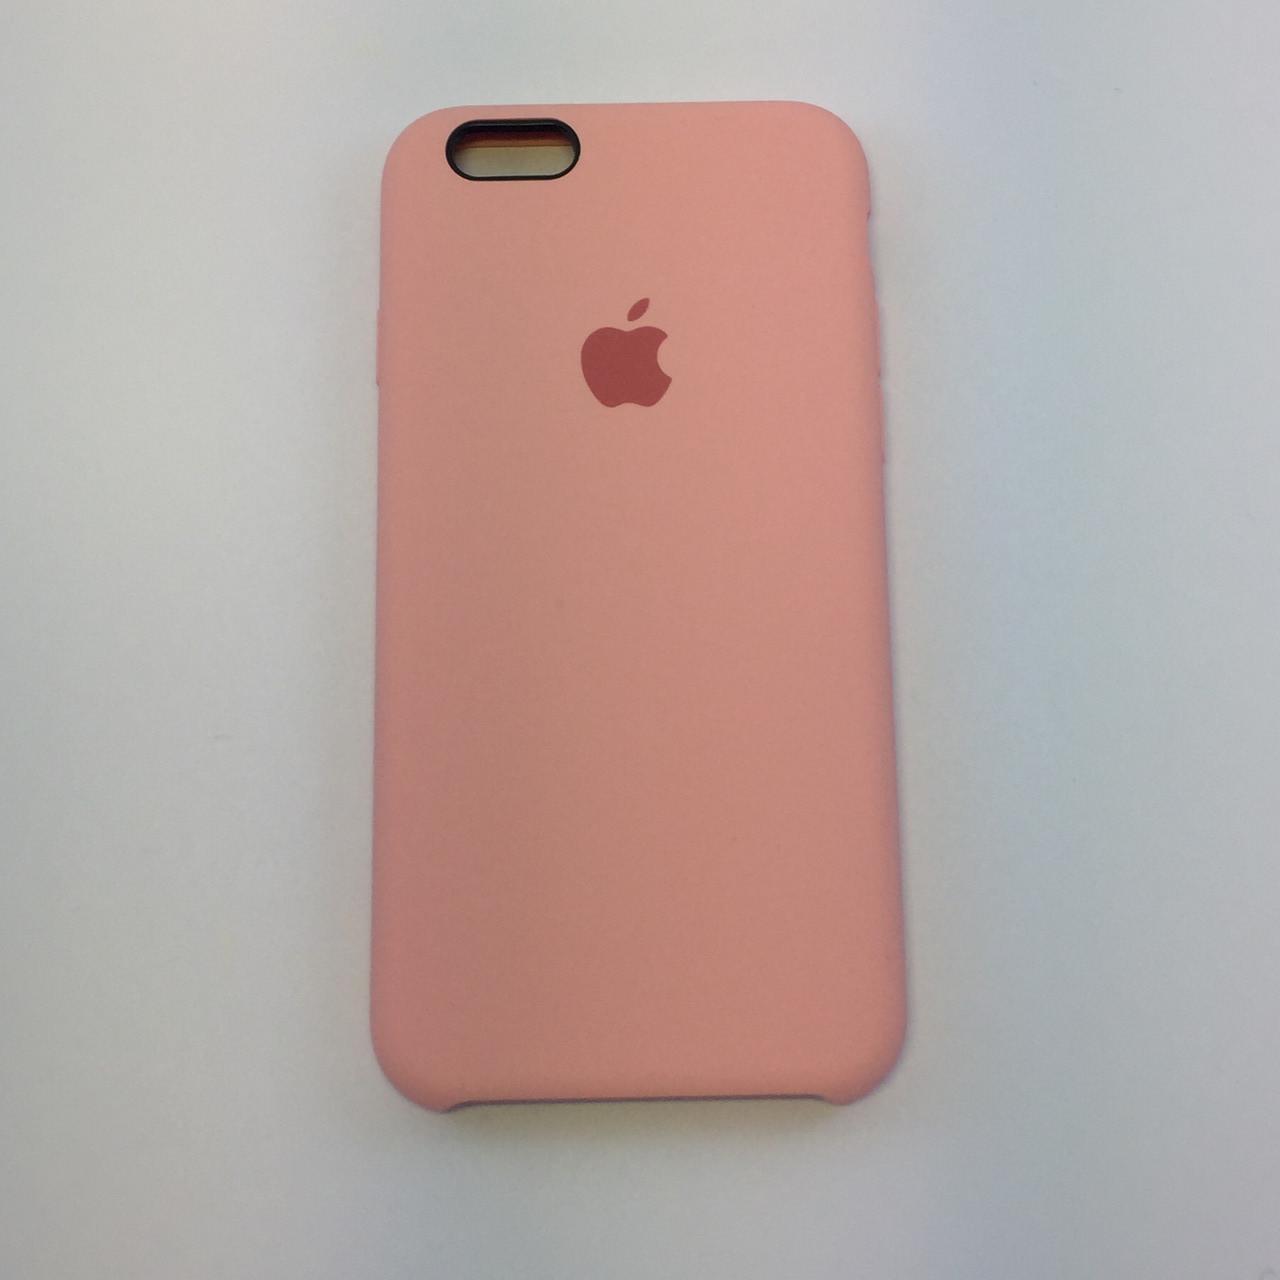 Силиконовый чехол для iPhone 6/6s, - «нежно-розовый» - copy original